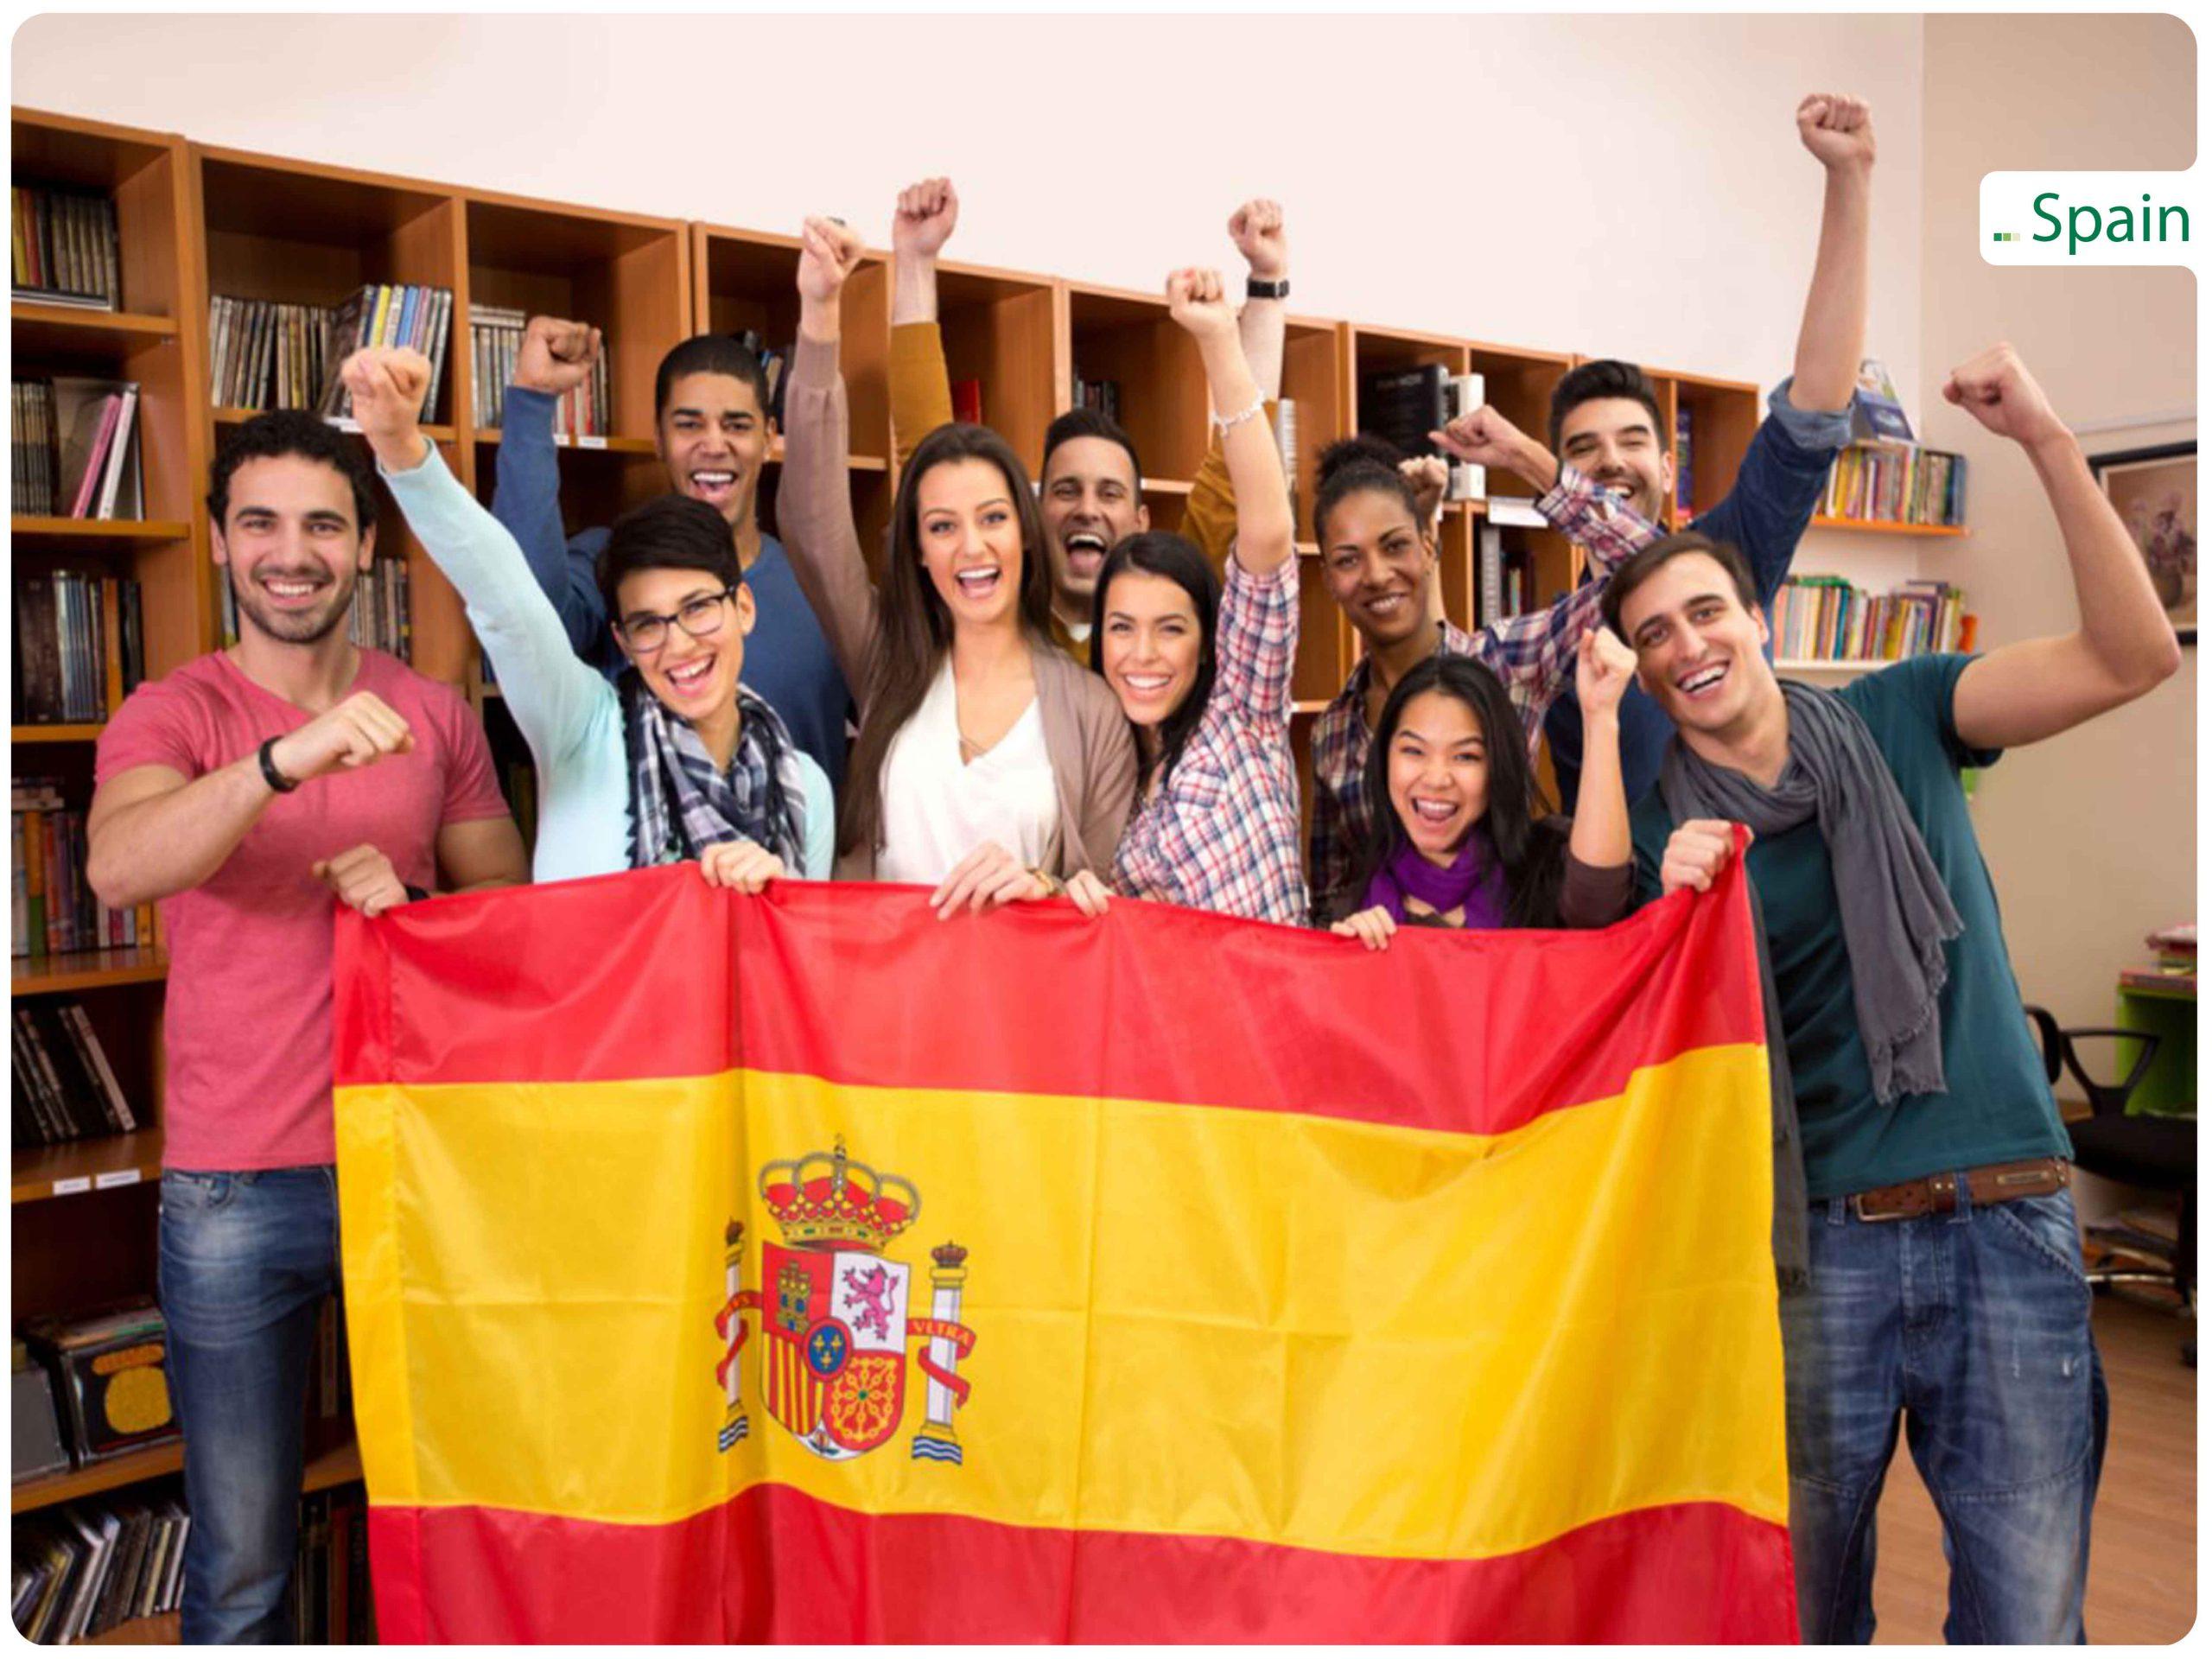 دوره زبان در اسپانیا